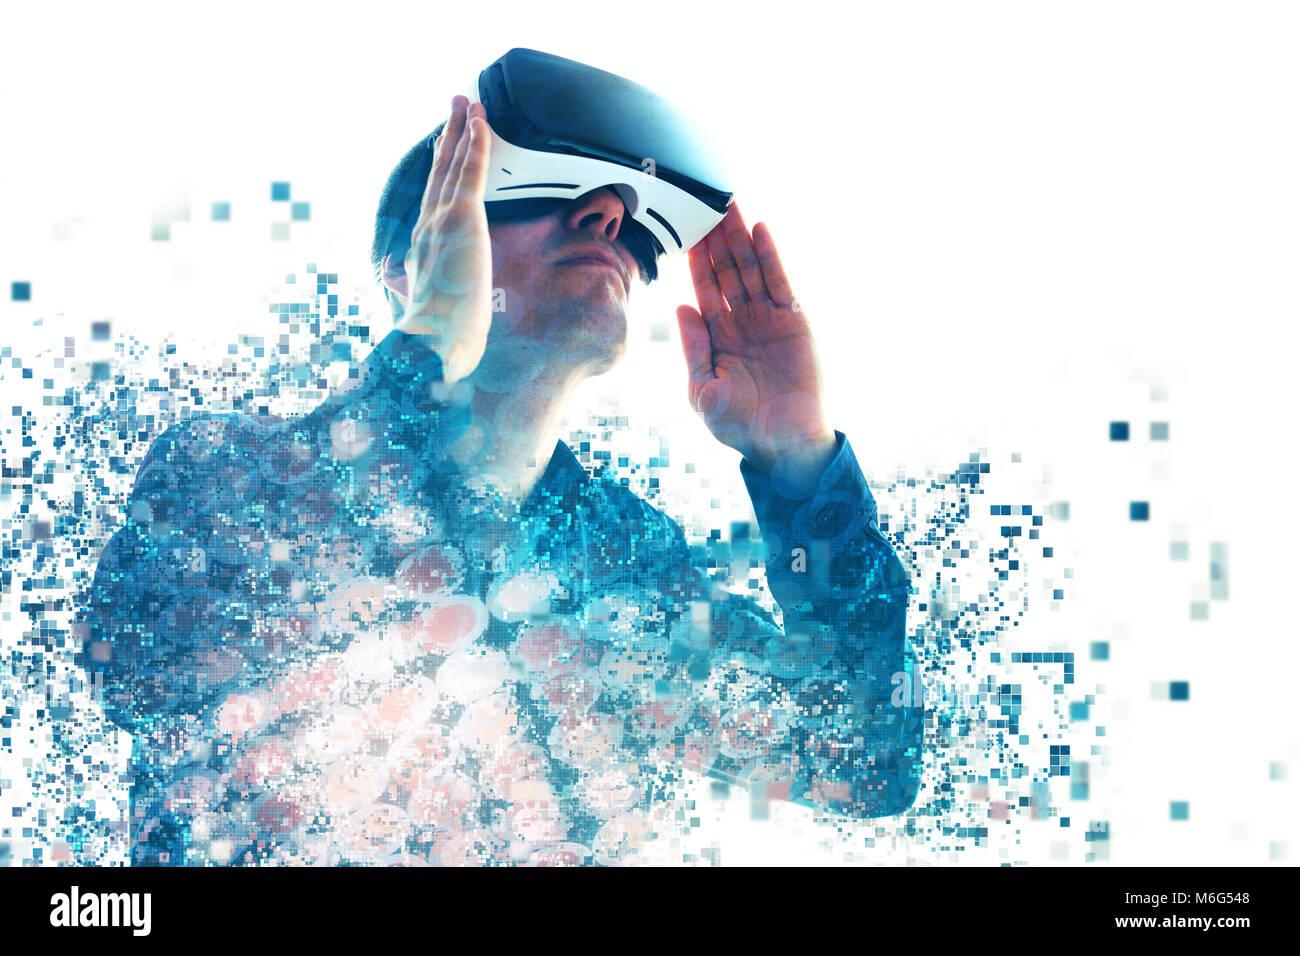 Una persona in bicchieri virtuale vola a pixel. L'uomo con bicchieri di realtà virtuale. La tecnologia Immagini Stock